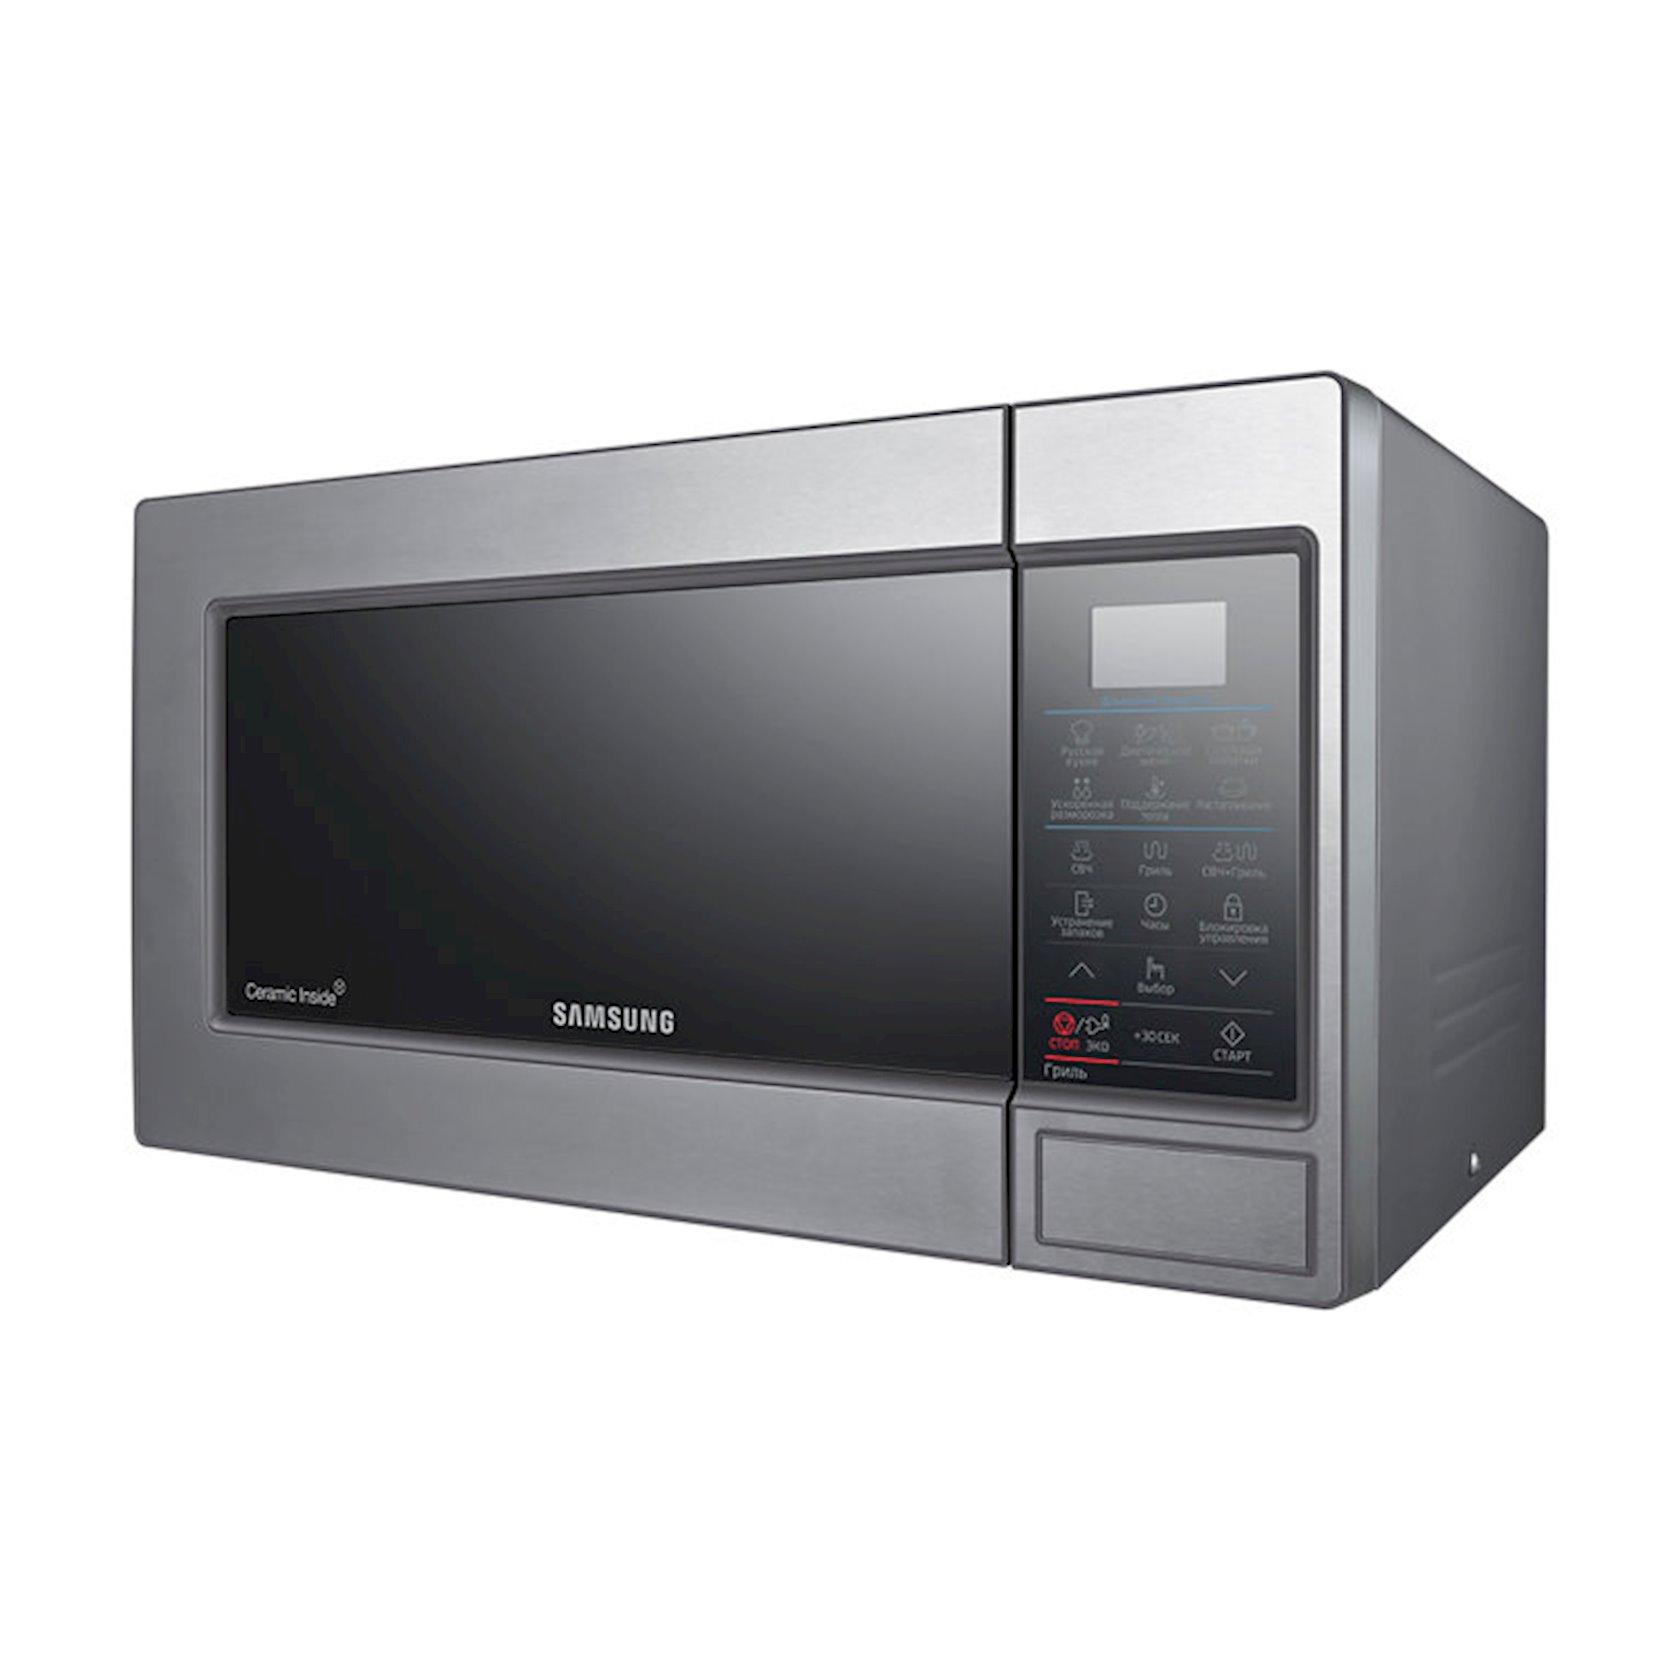 Микроволновая печь с грилем Samsung GE83MRTQS/BW